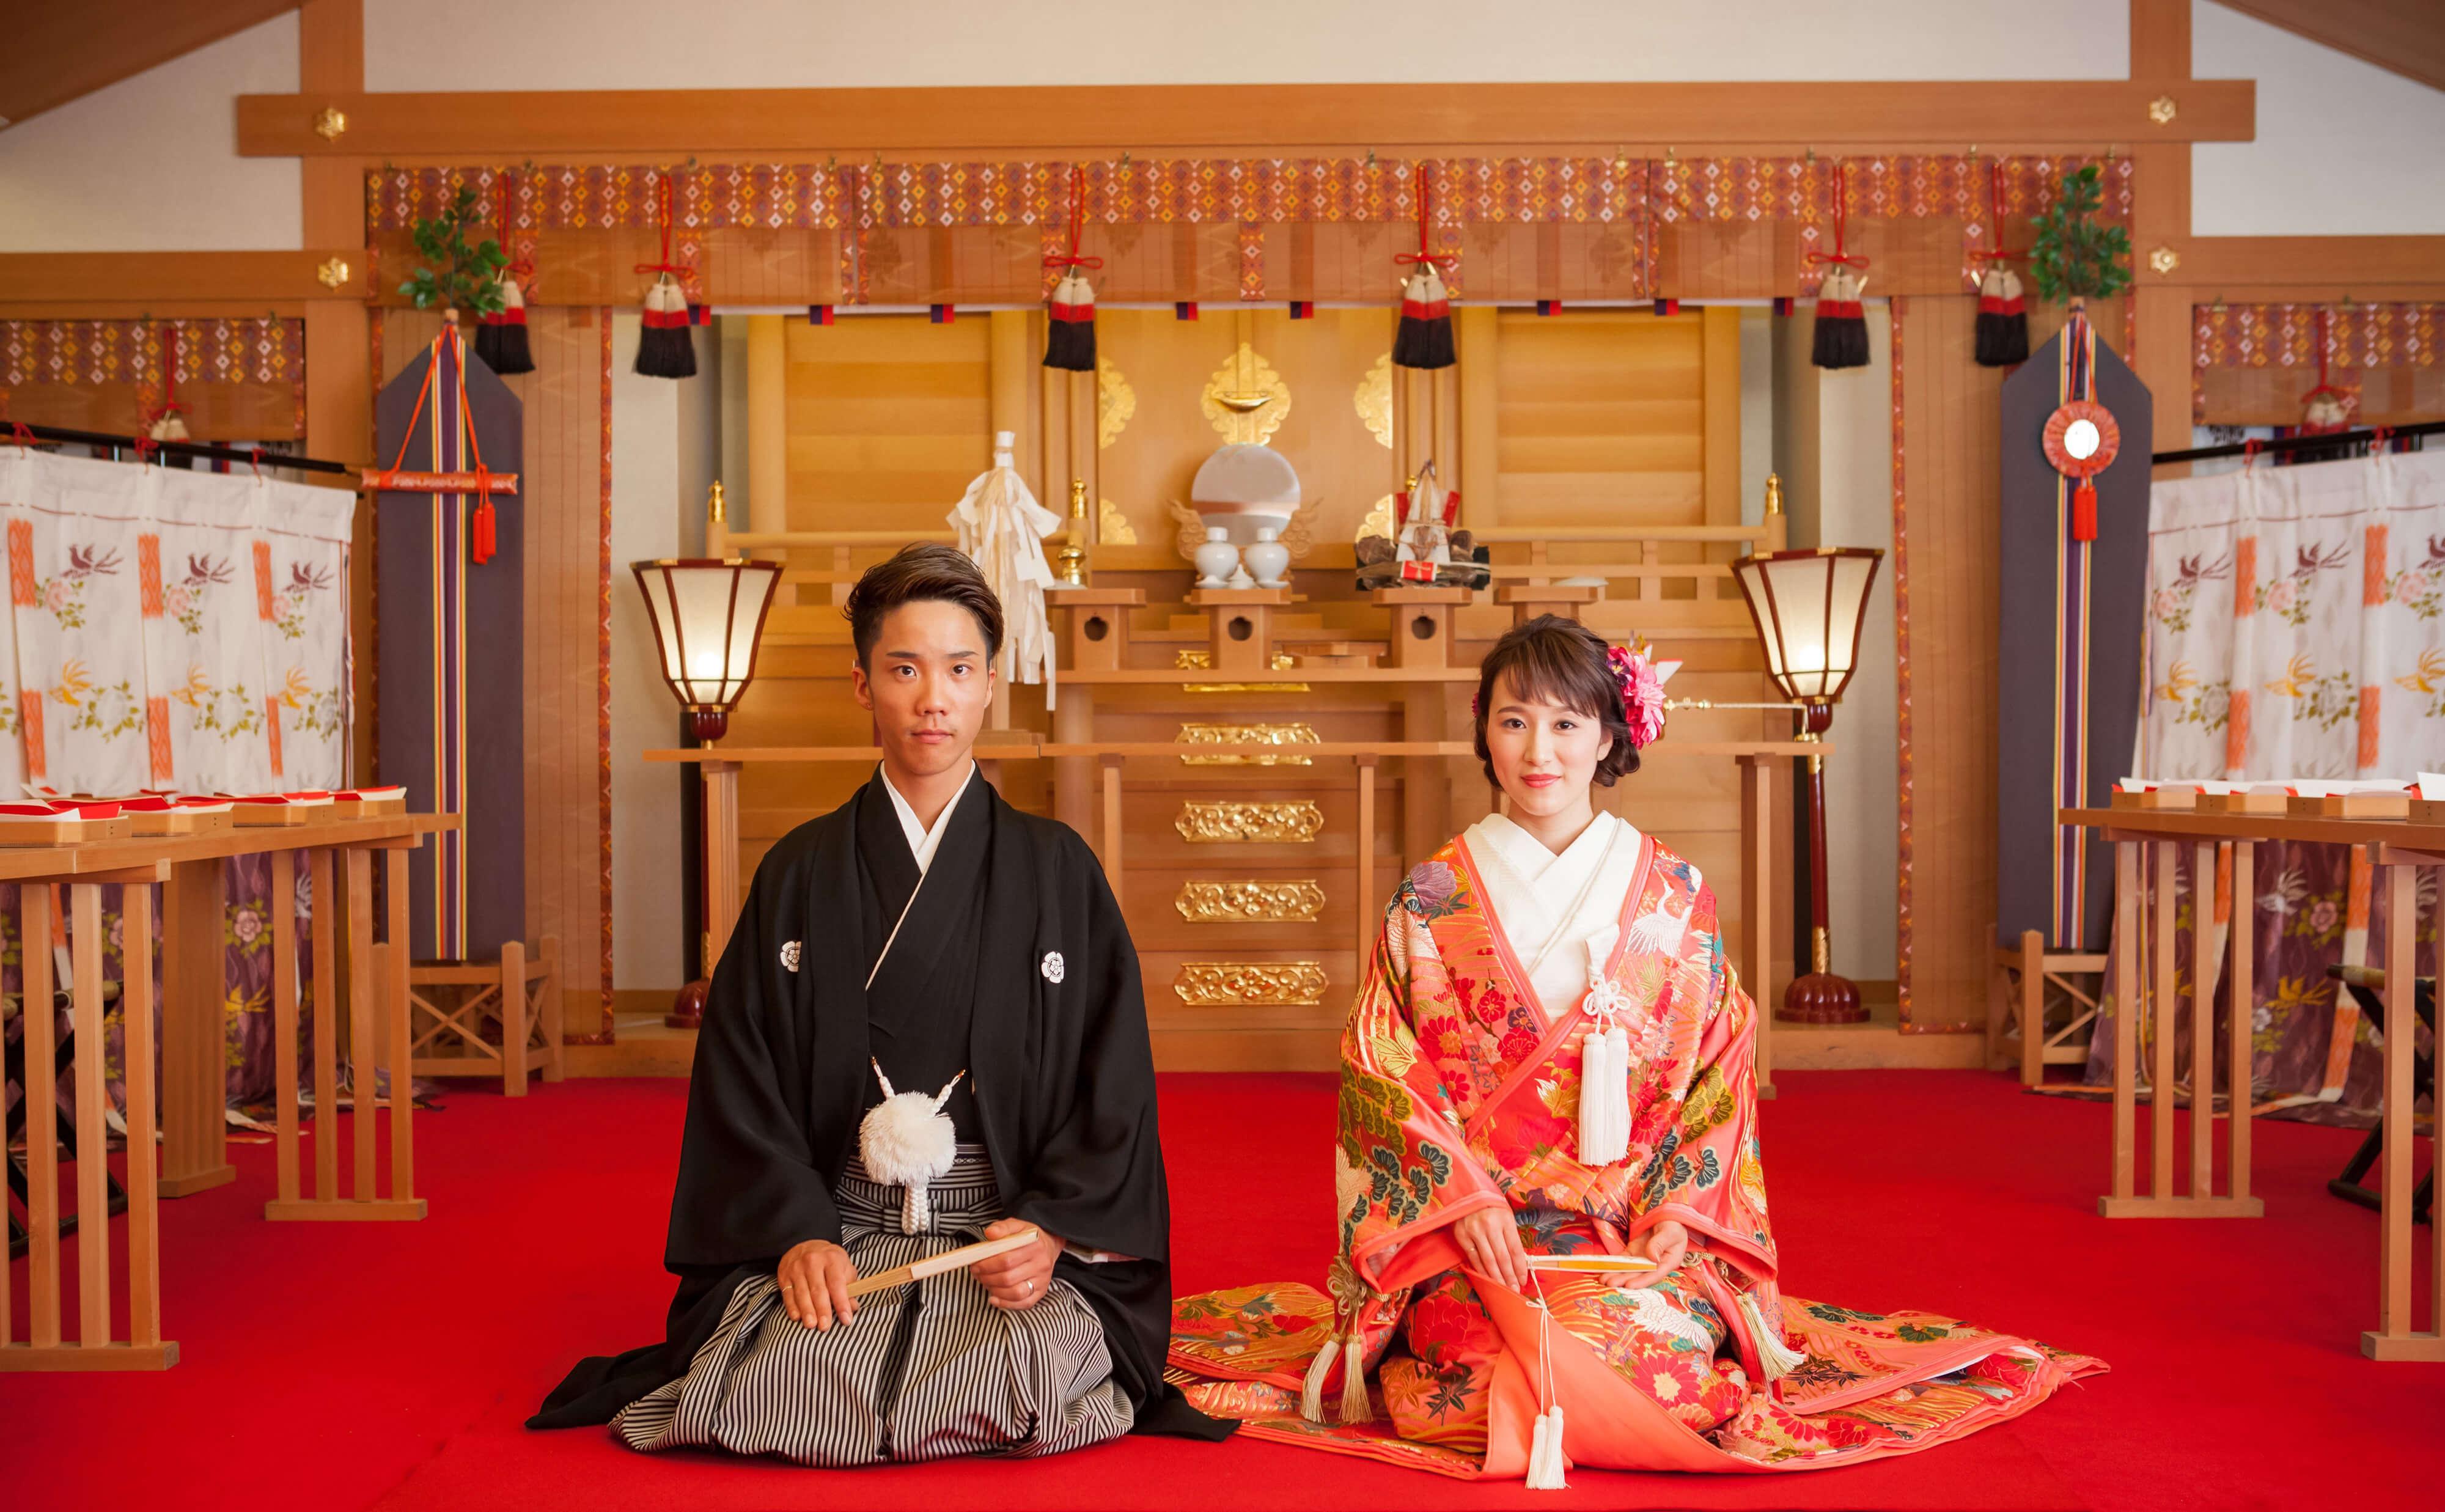 外國觀光客限定「日本新娘&新郎拍攝體驗」 阪急國際酒店住宿企劃開跑! 住宿、婚禮、